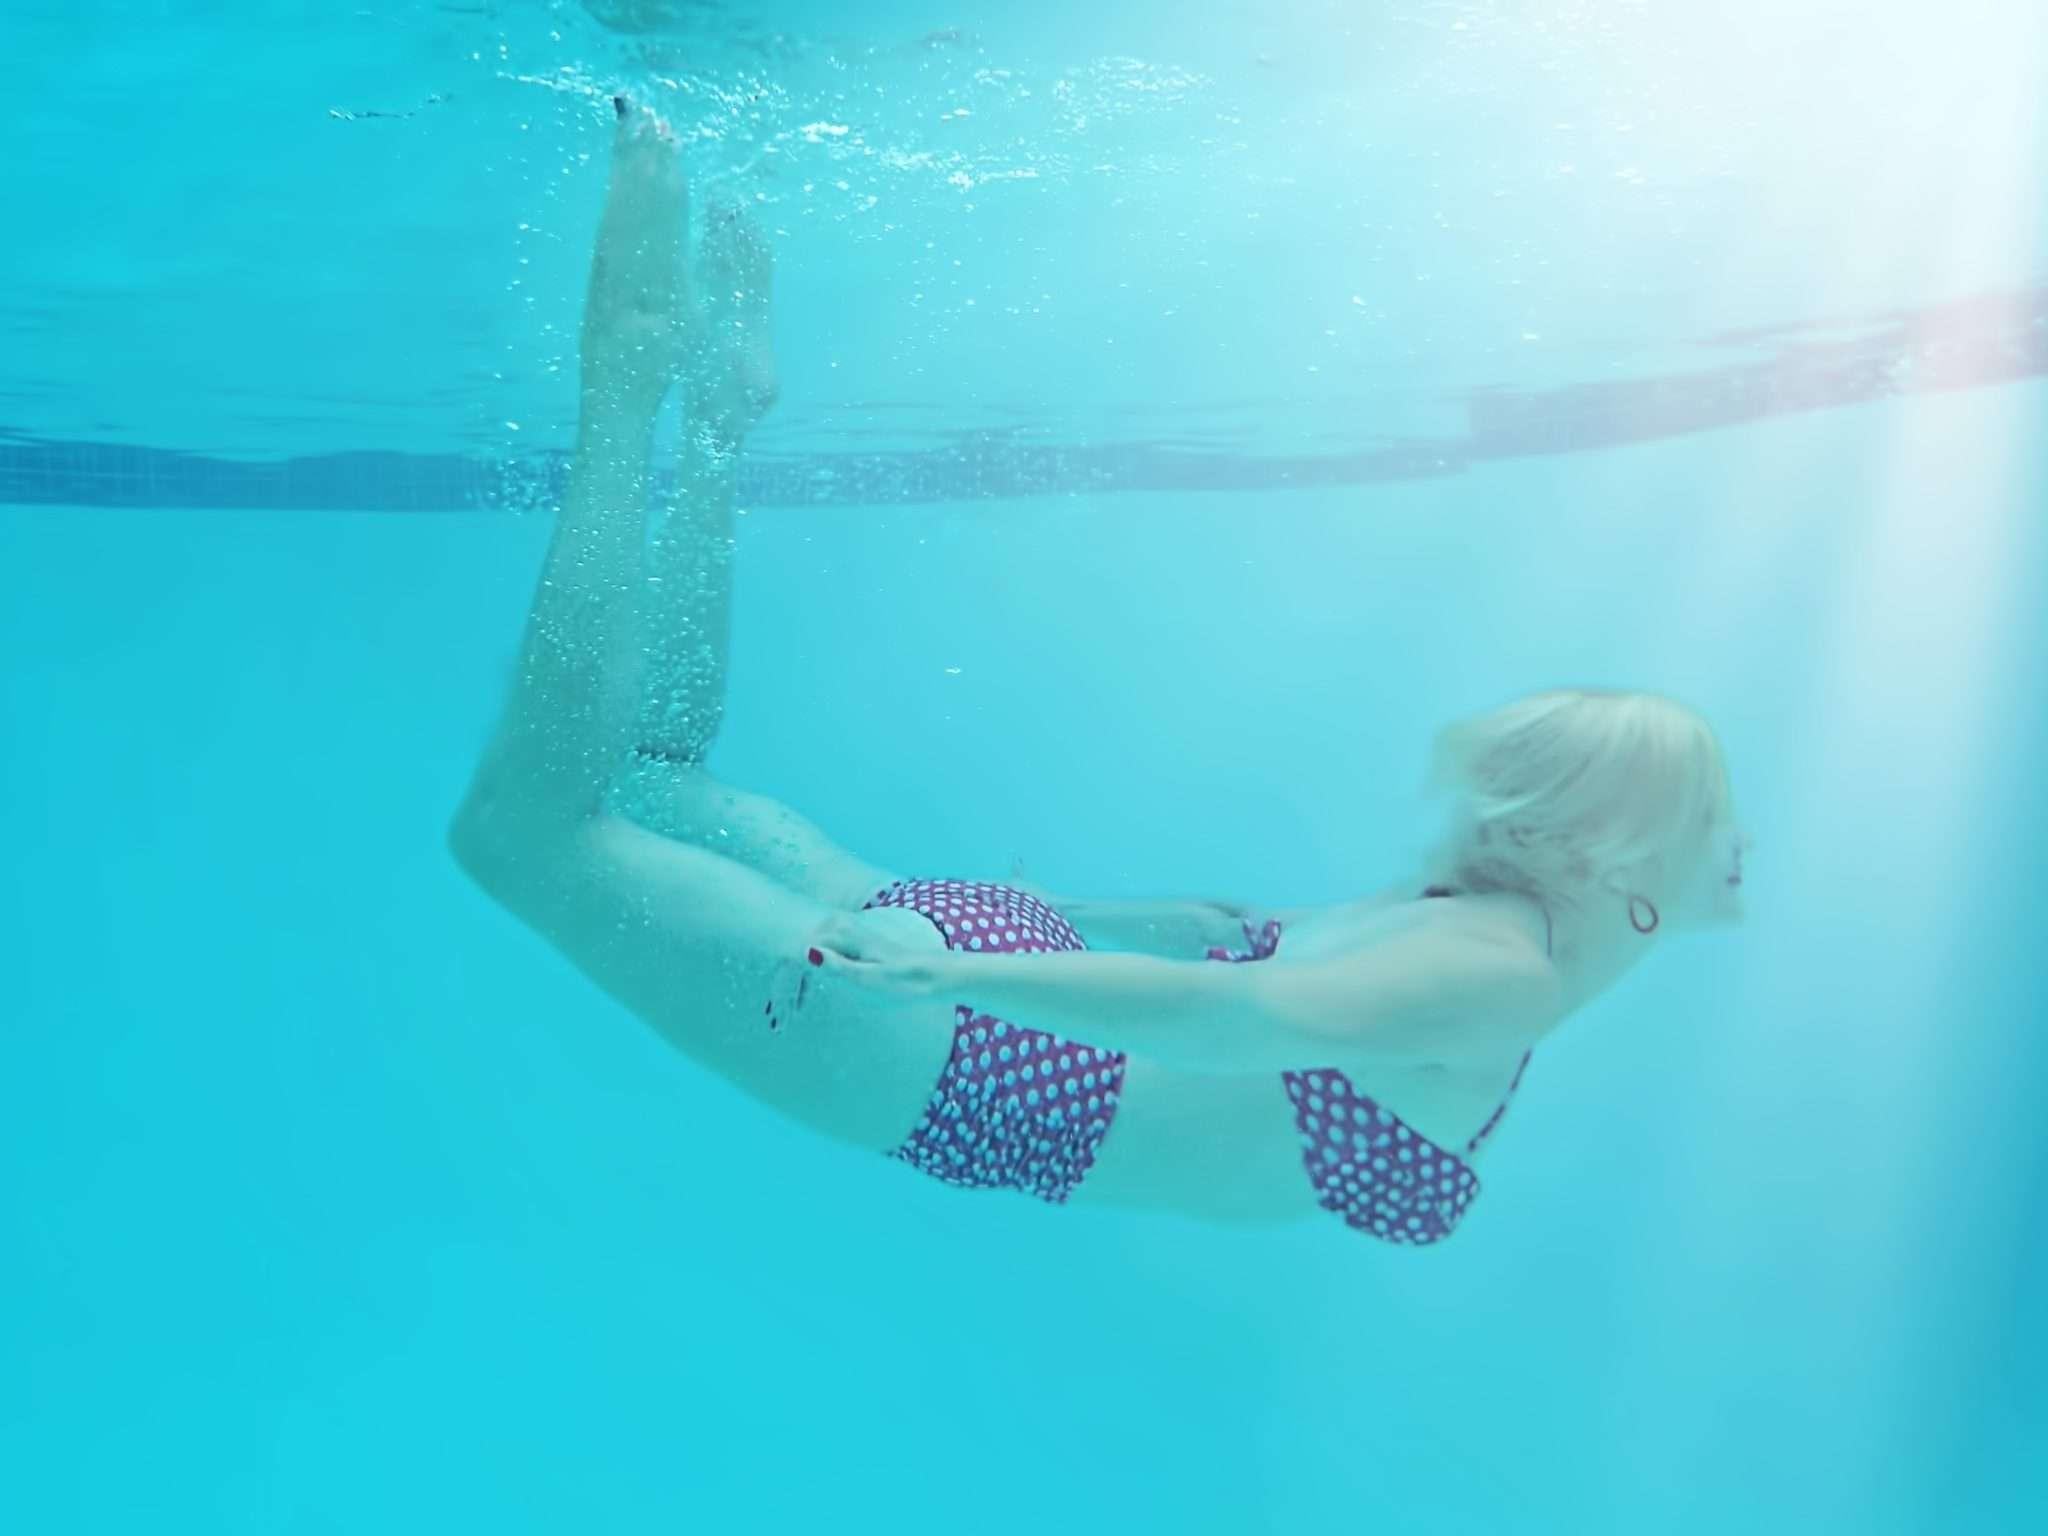 Mum going swimming | Beanstalk Mums